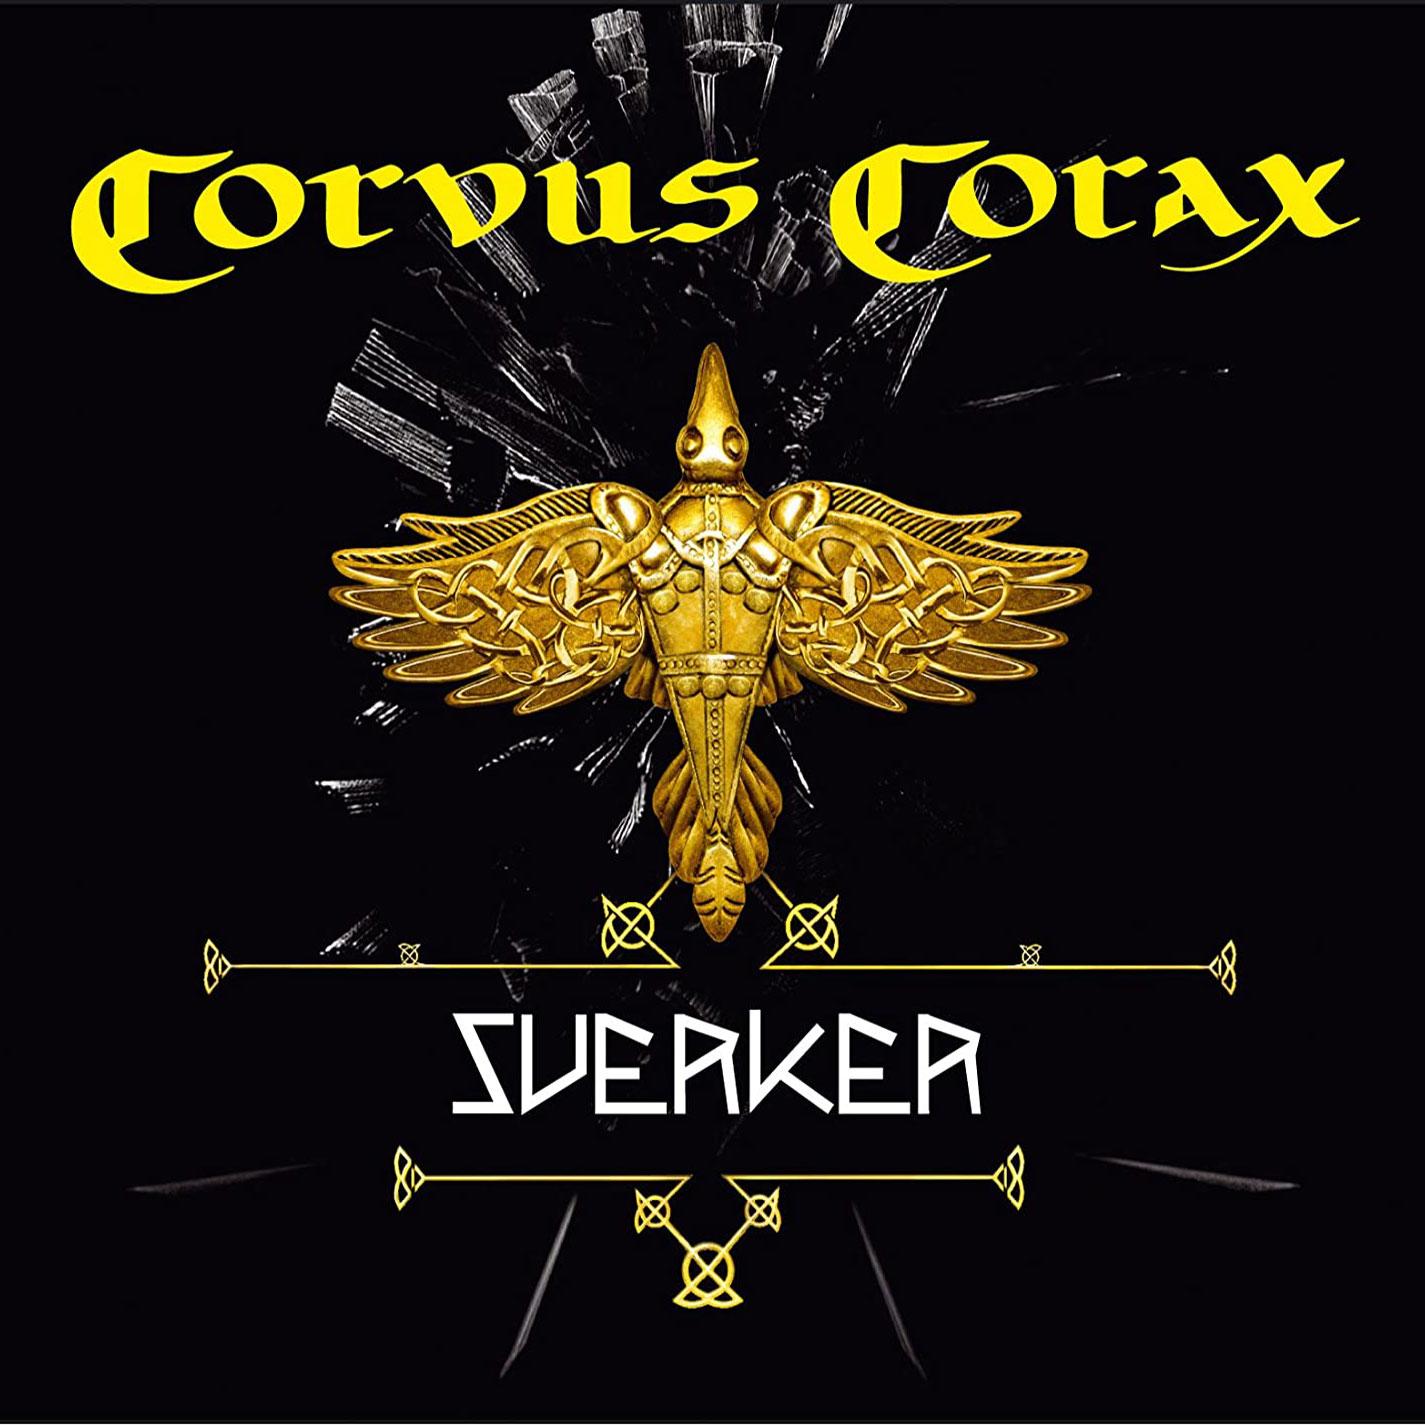 Corvus Corax - Sverker